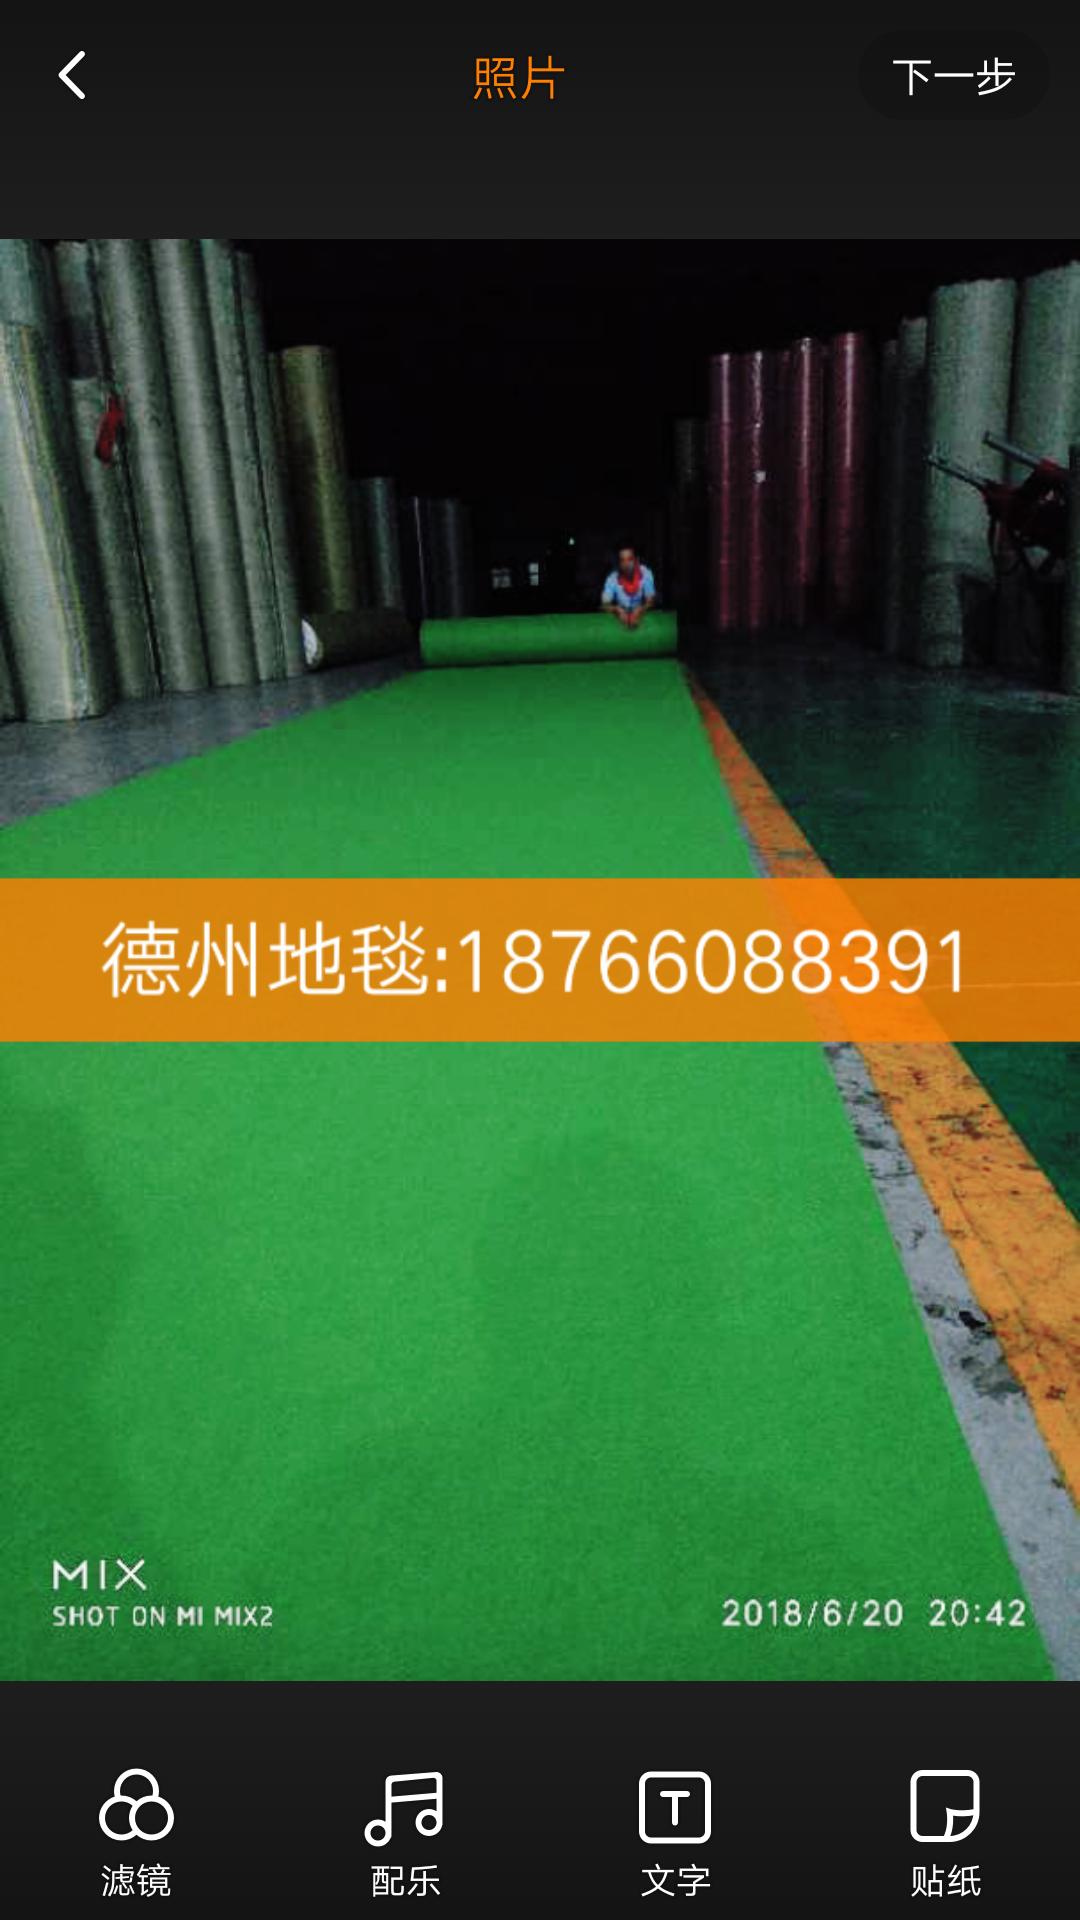 果绿平面,展馆地毯